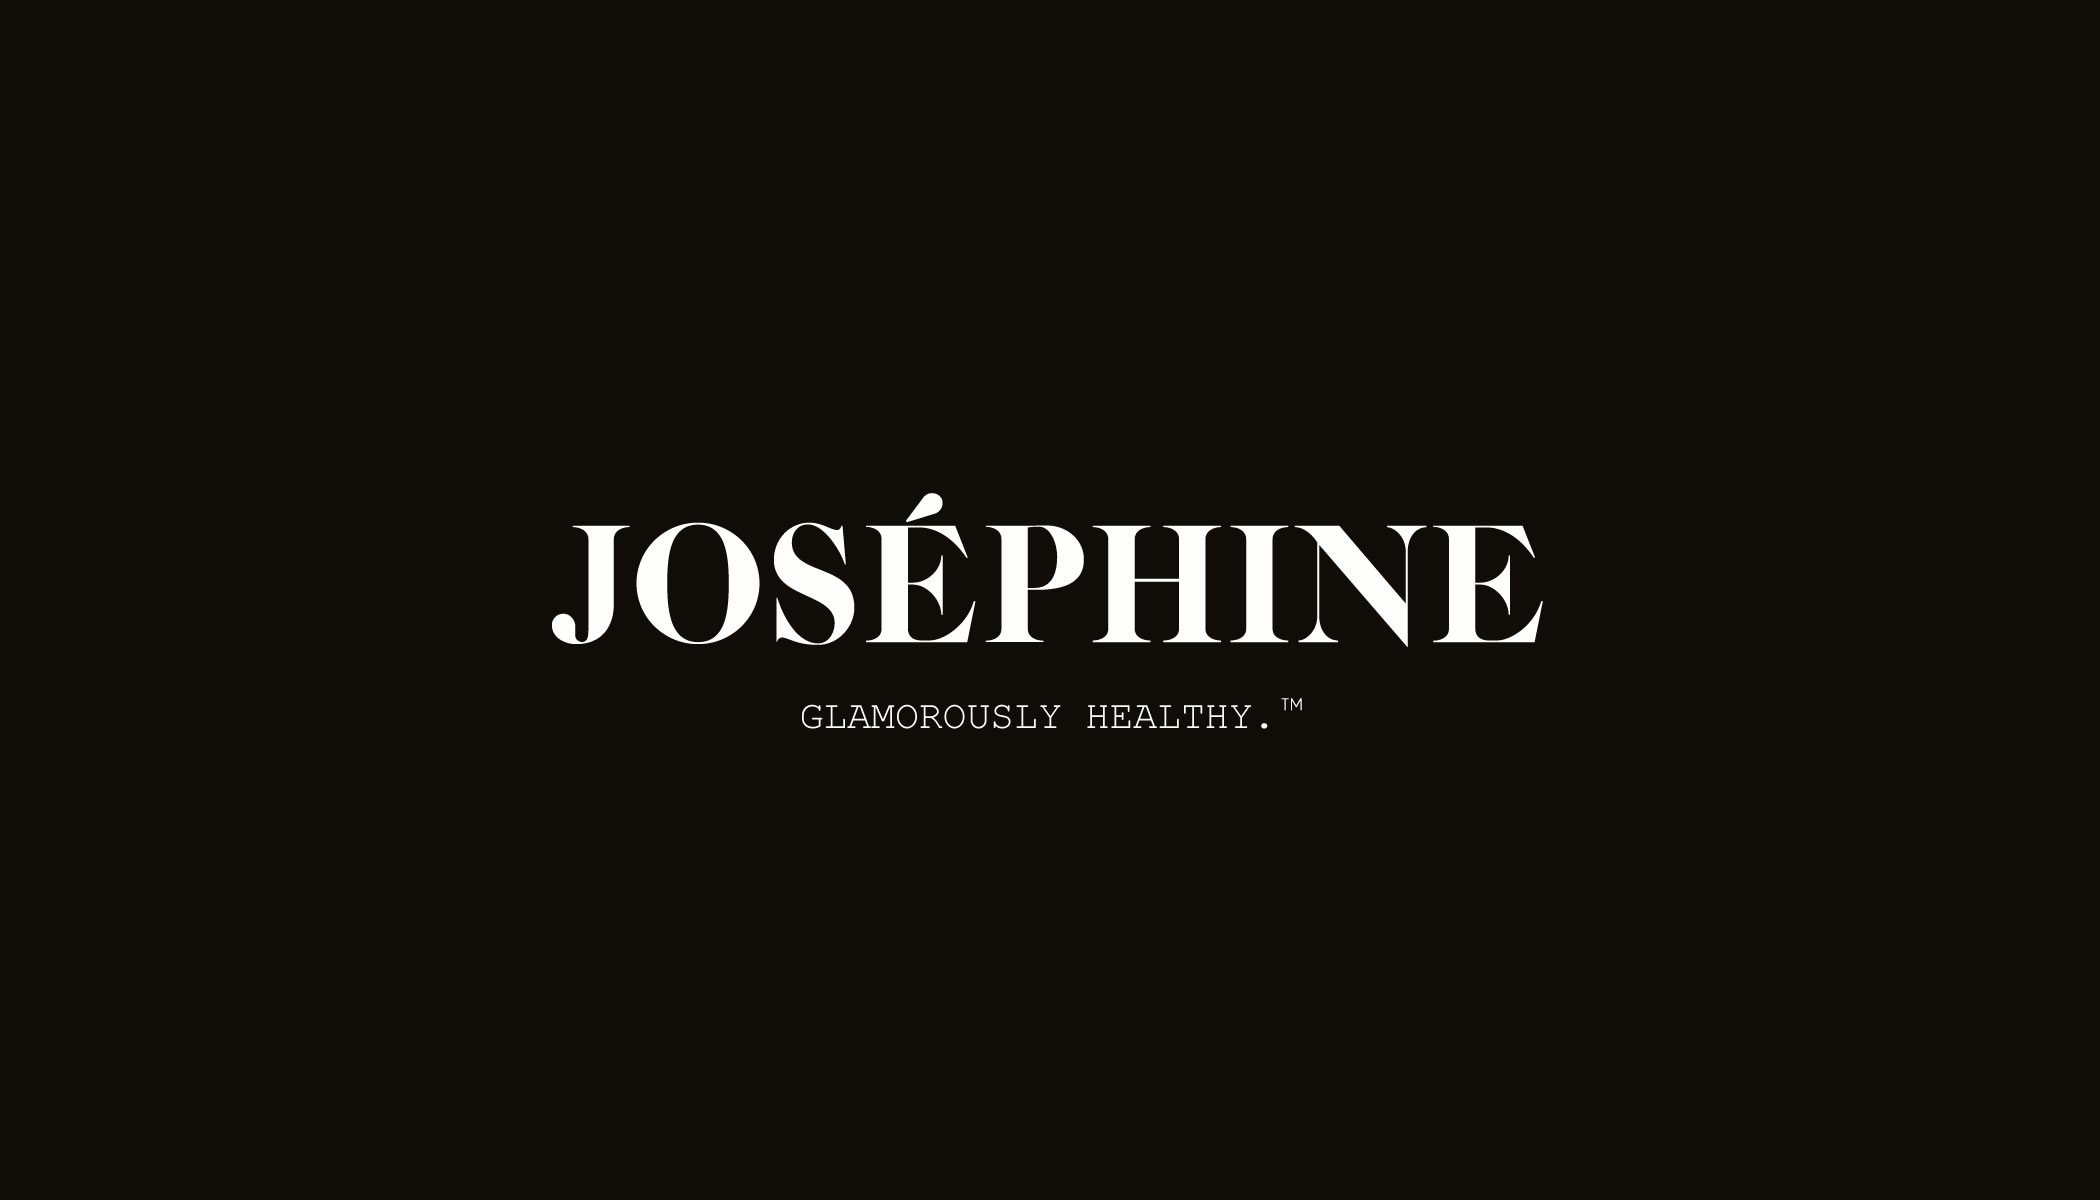 Joséphine Cosmetics